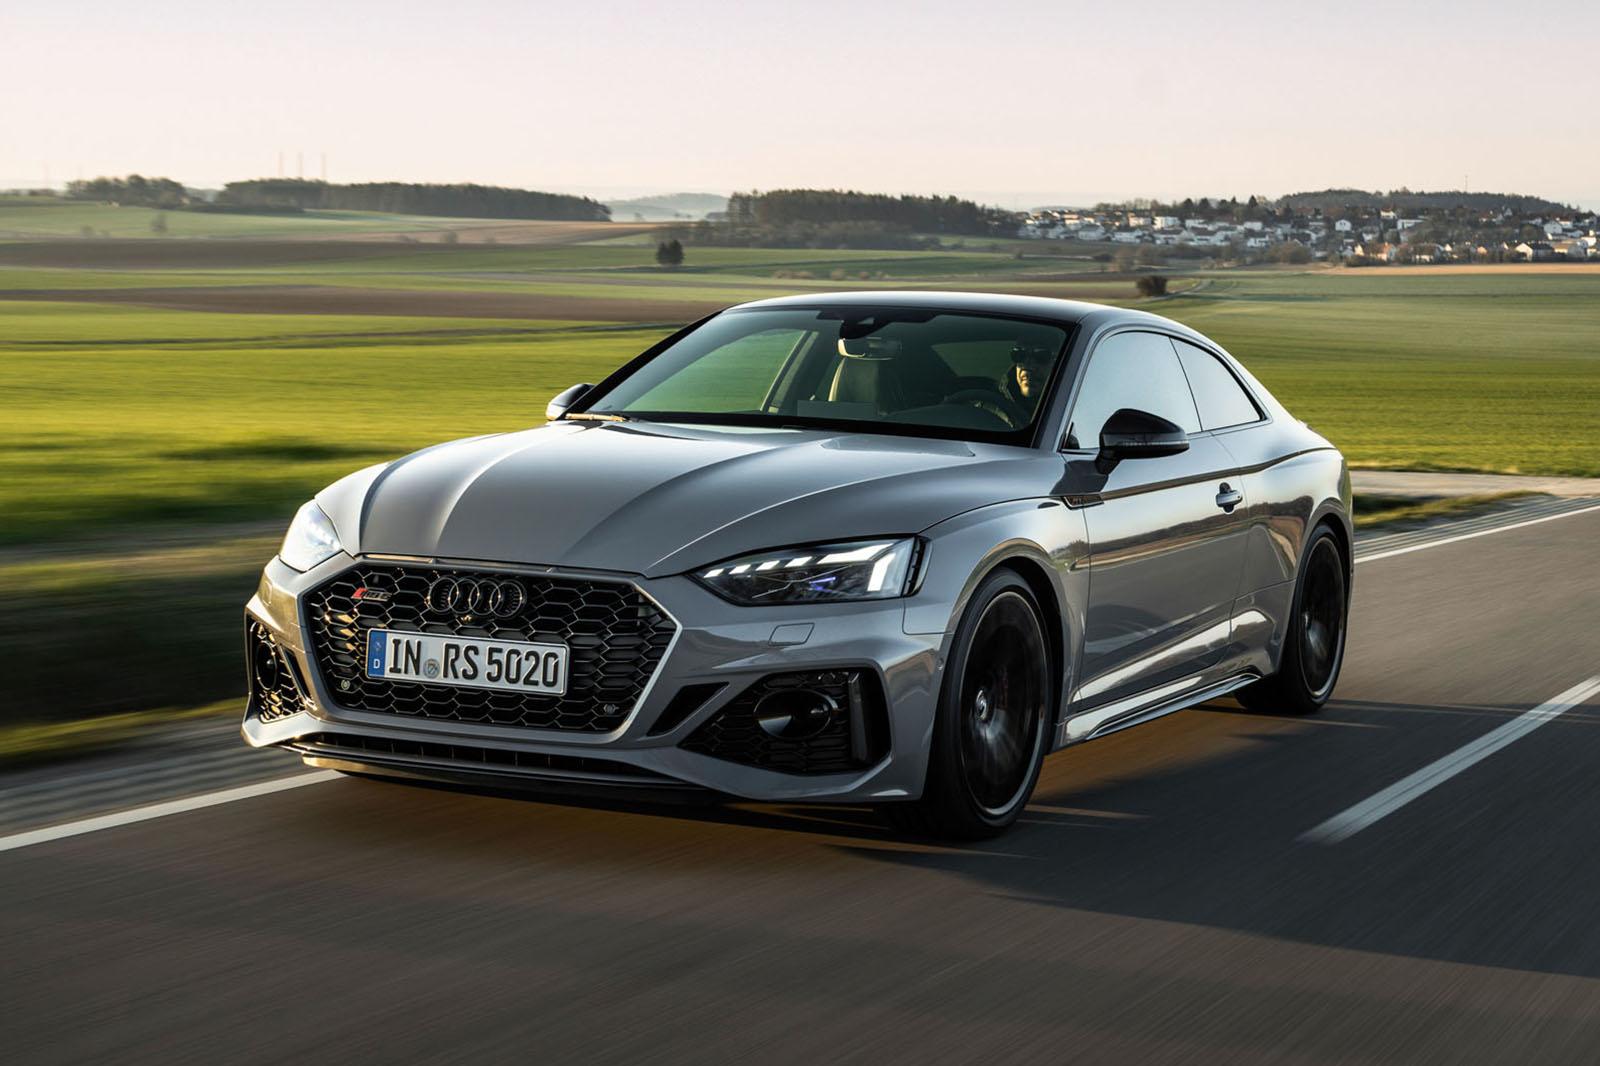 Audi Rs5 Coupe 2020 Review Autocar